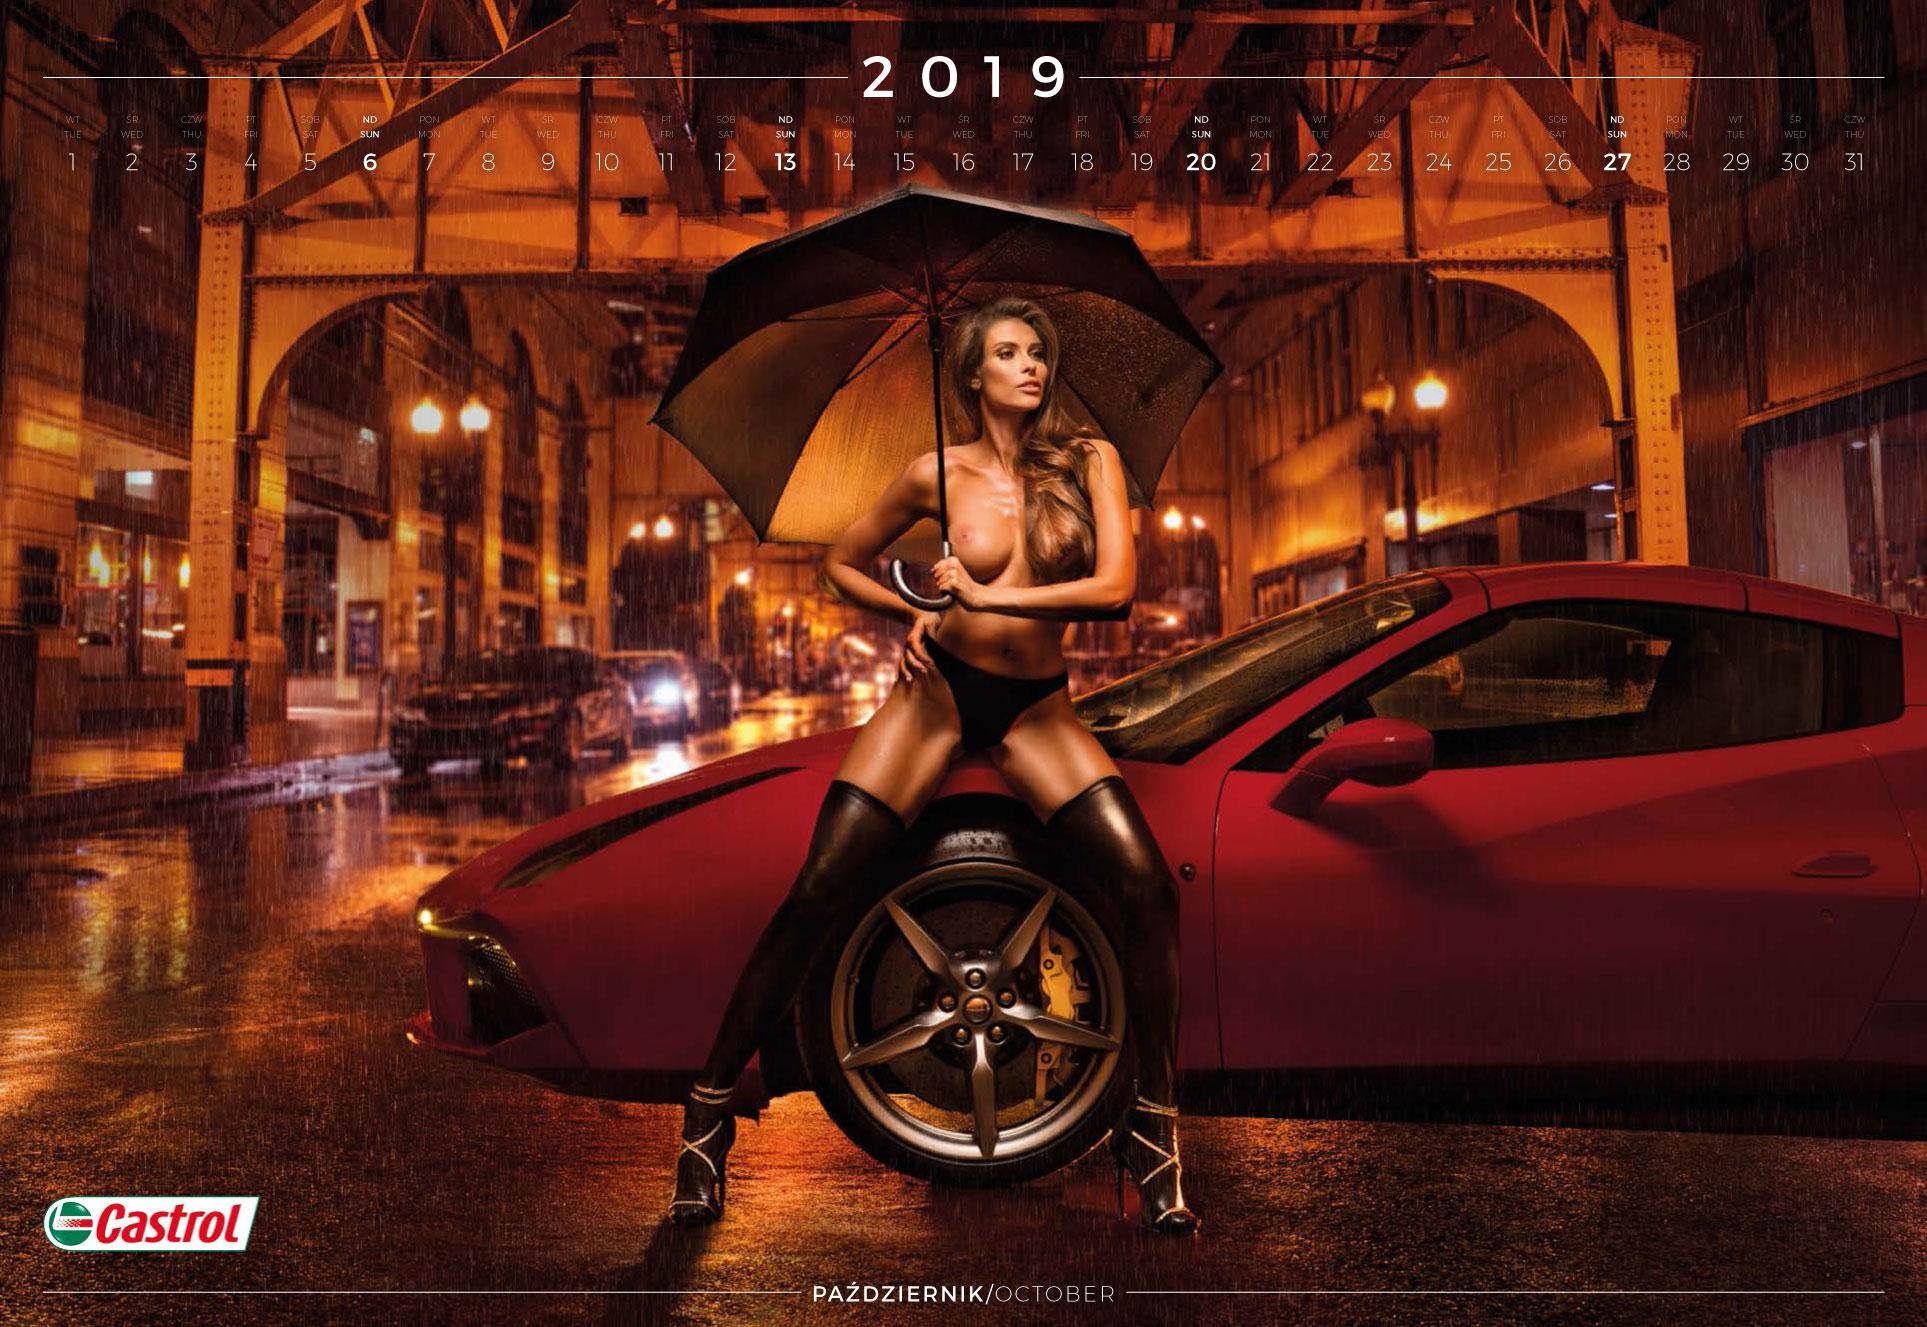 октябрь - эротический календарь 2019 Inter Cars SA / польский дистрибьютор автомобилей, сопутствующих товаров и запчастей